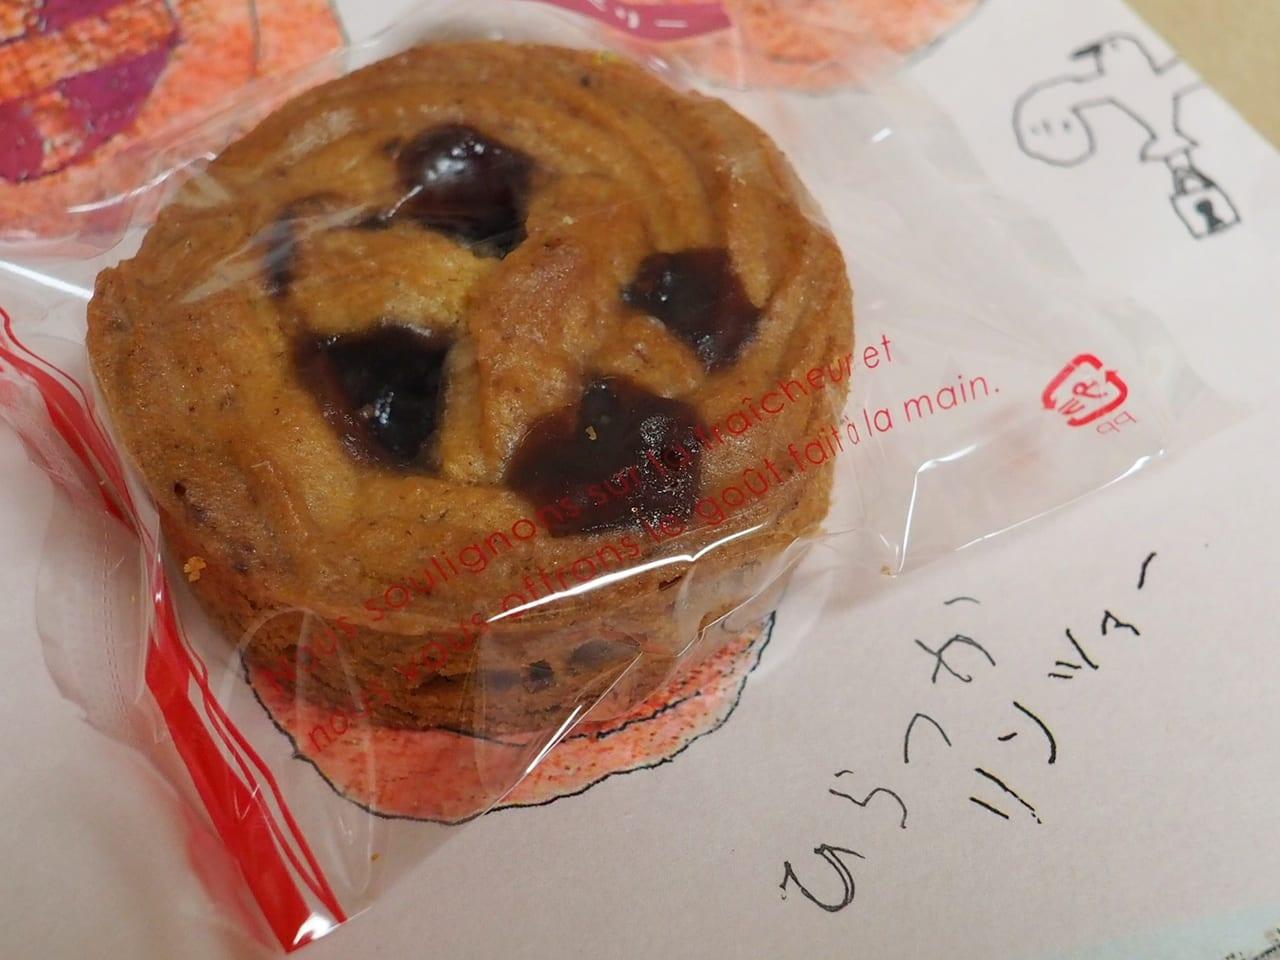 15周年を迎えた焼き菓子店マ・コピーヌ看板商品のリンツァー